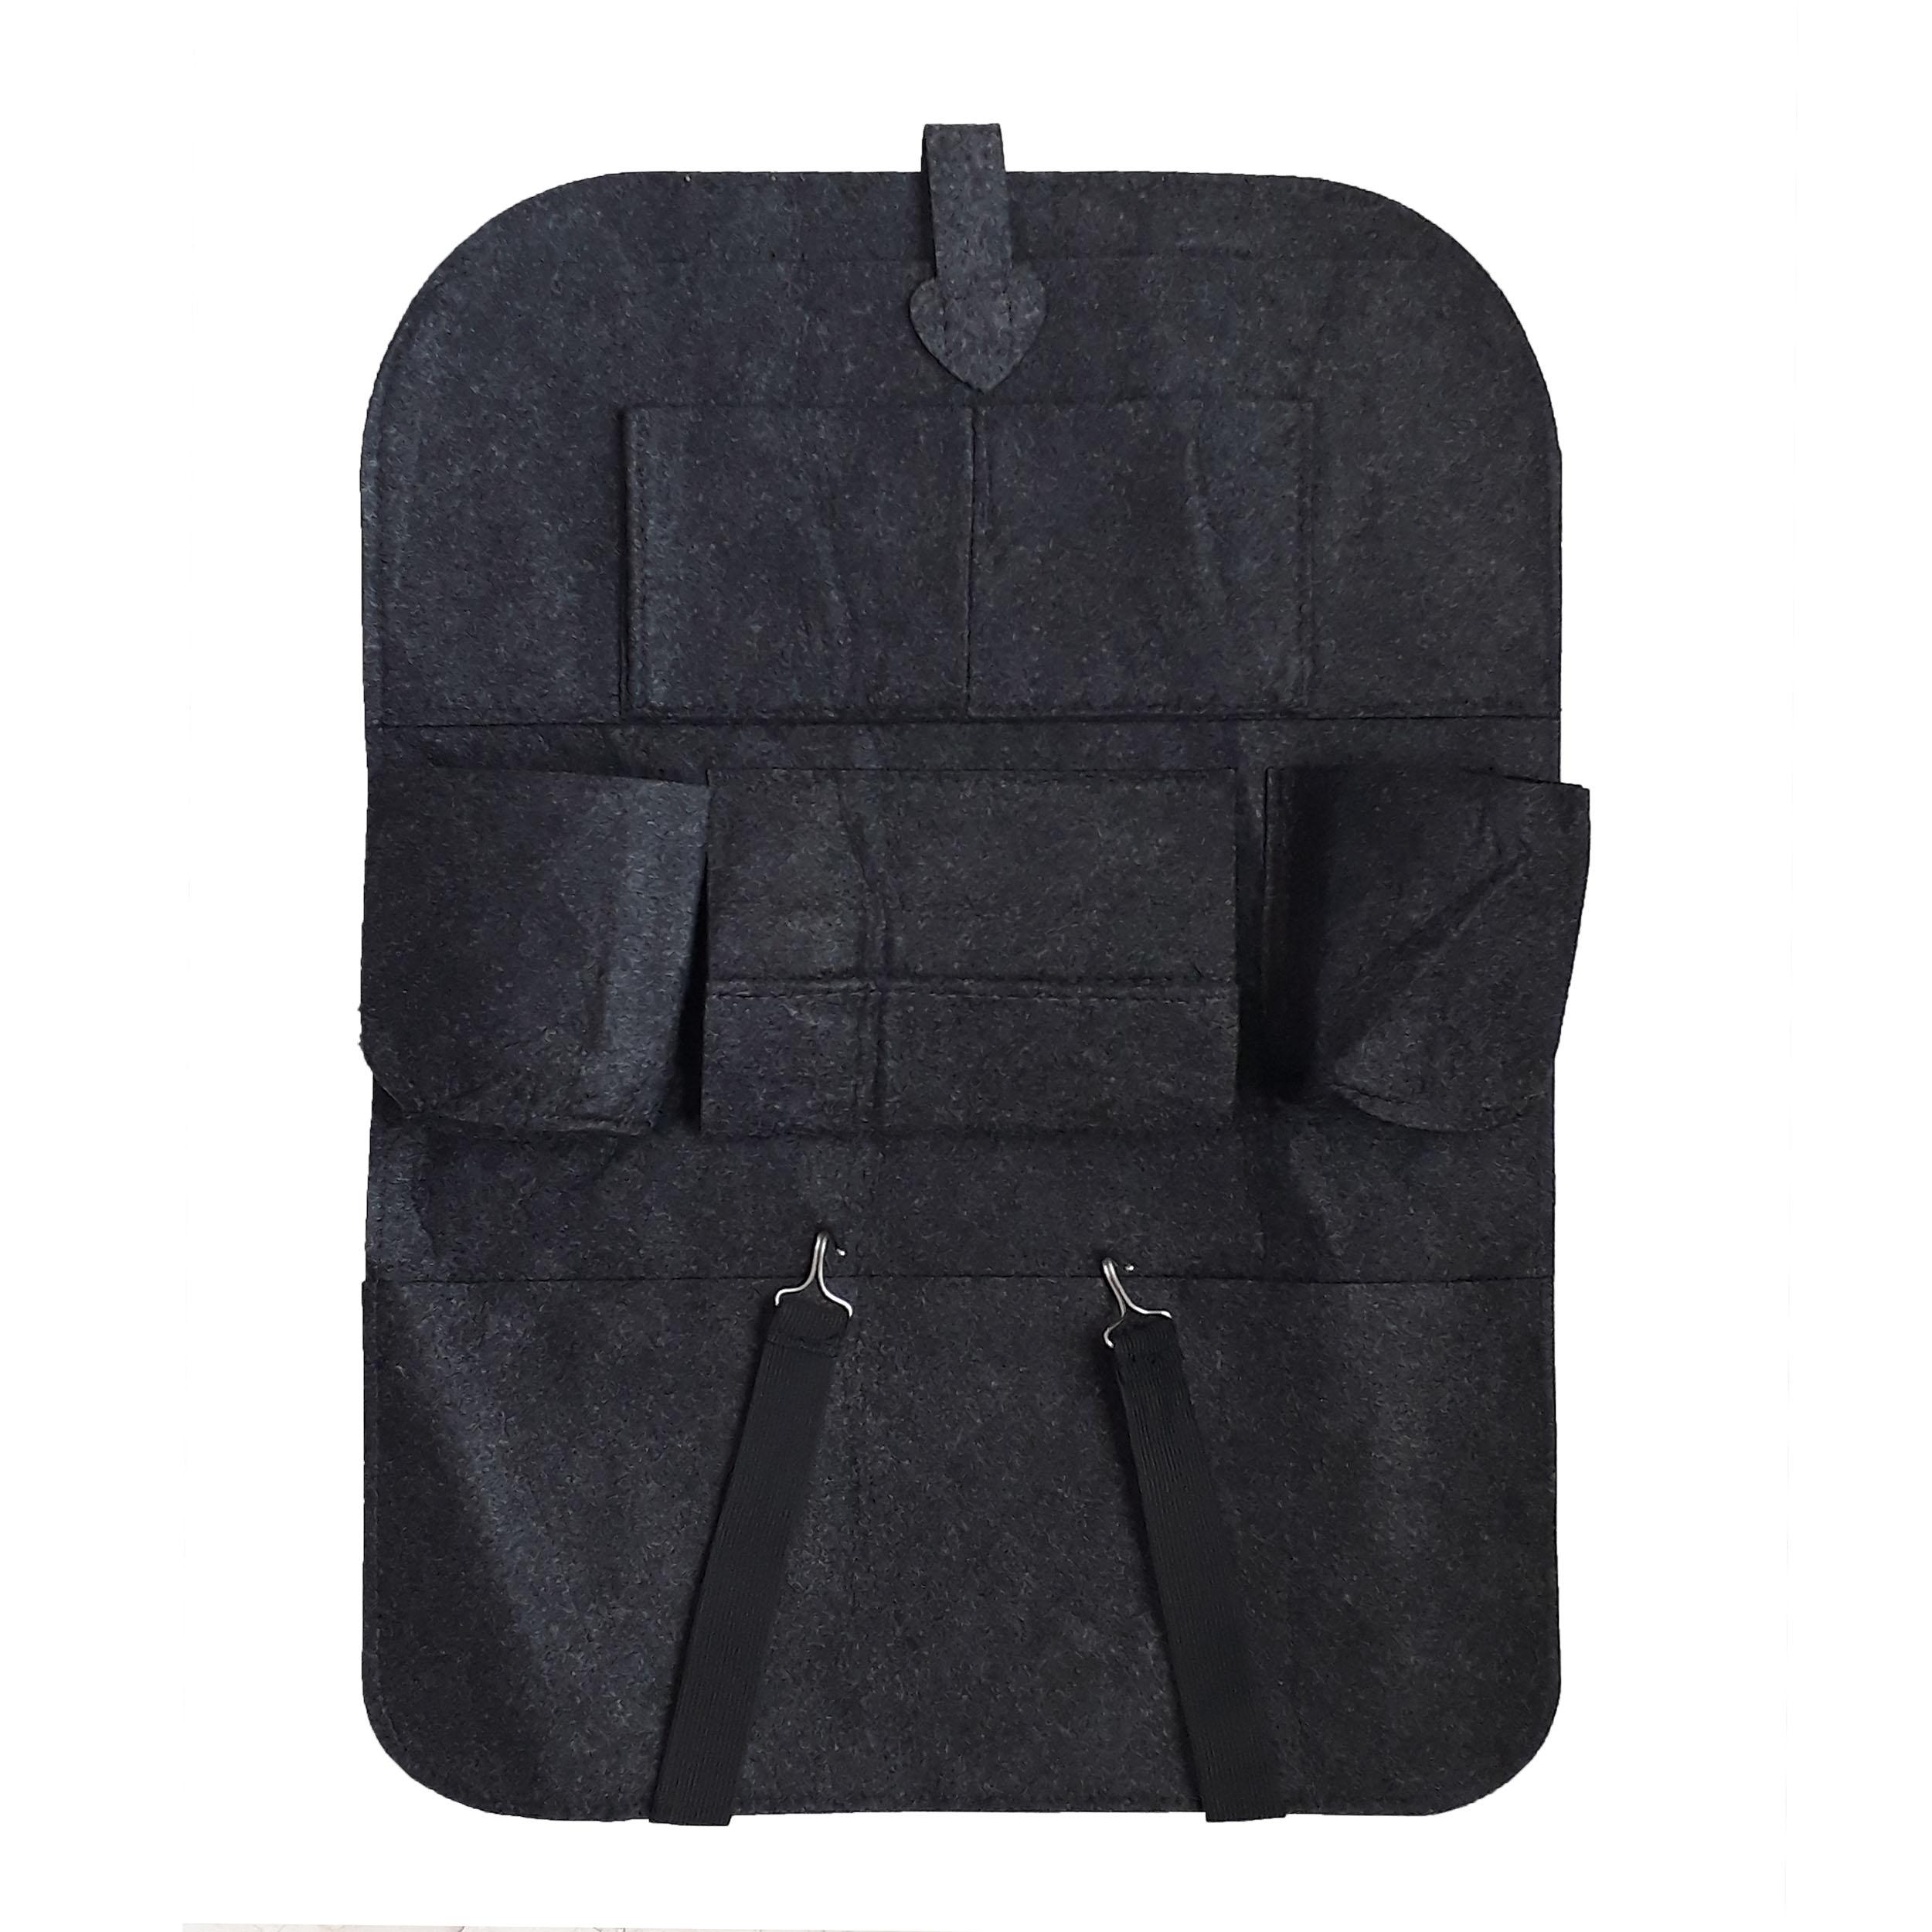 خرید                     کیف پشت صندلی خودرو مدل N1